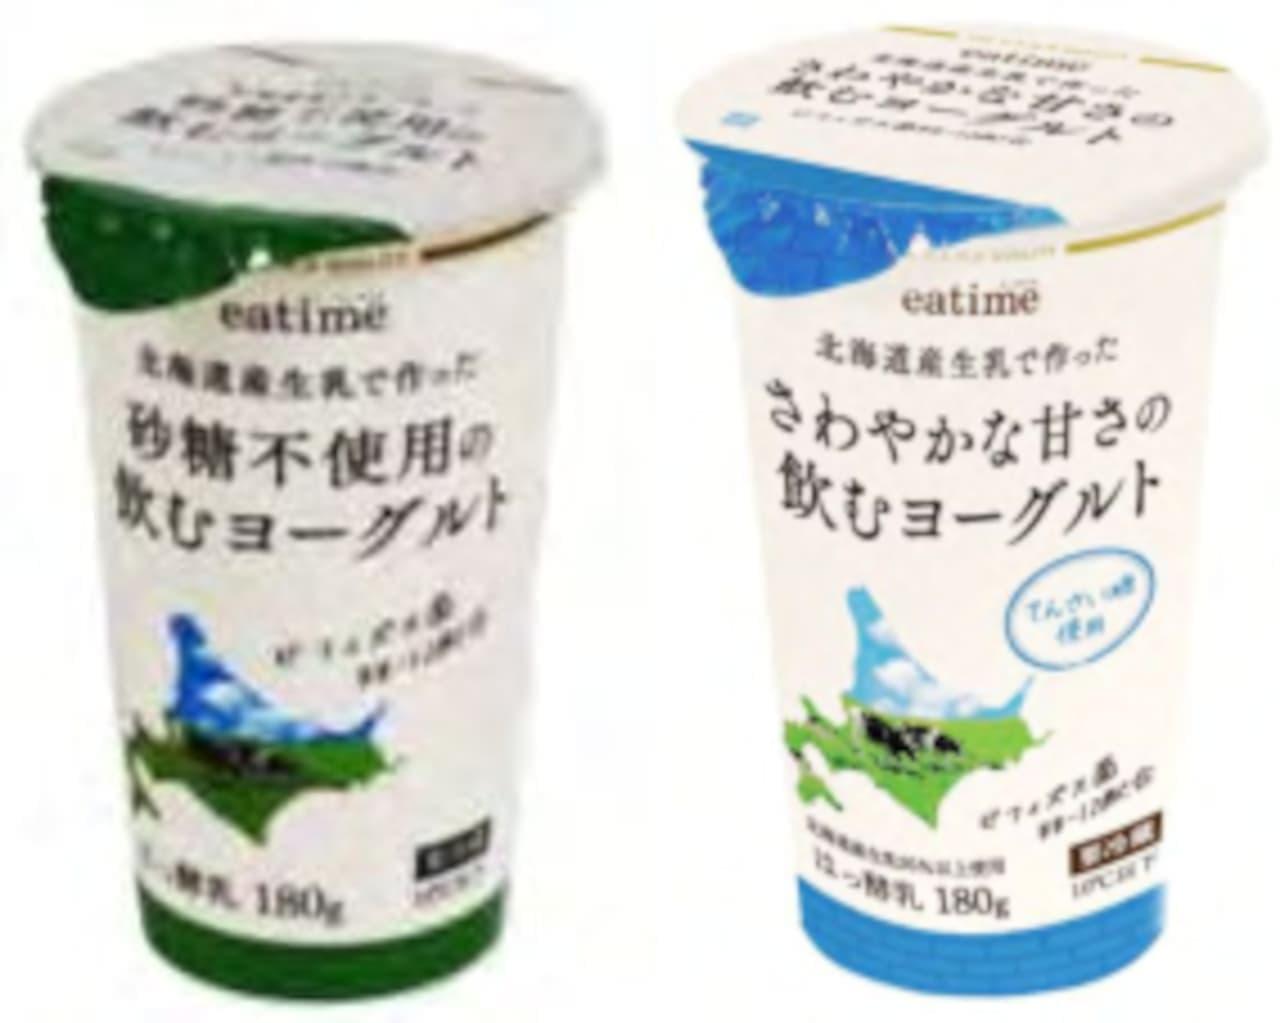 イータイム「北海道産生乳で作ったさわやかな甘さの飲むヨーグルト」